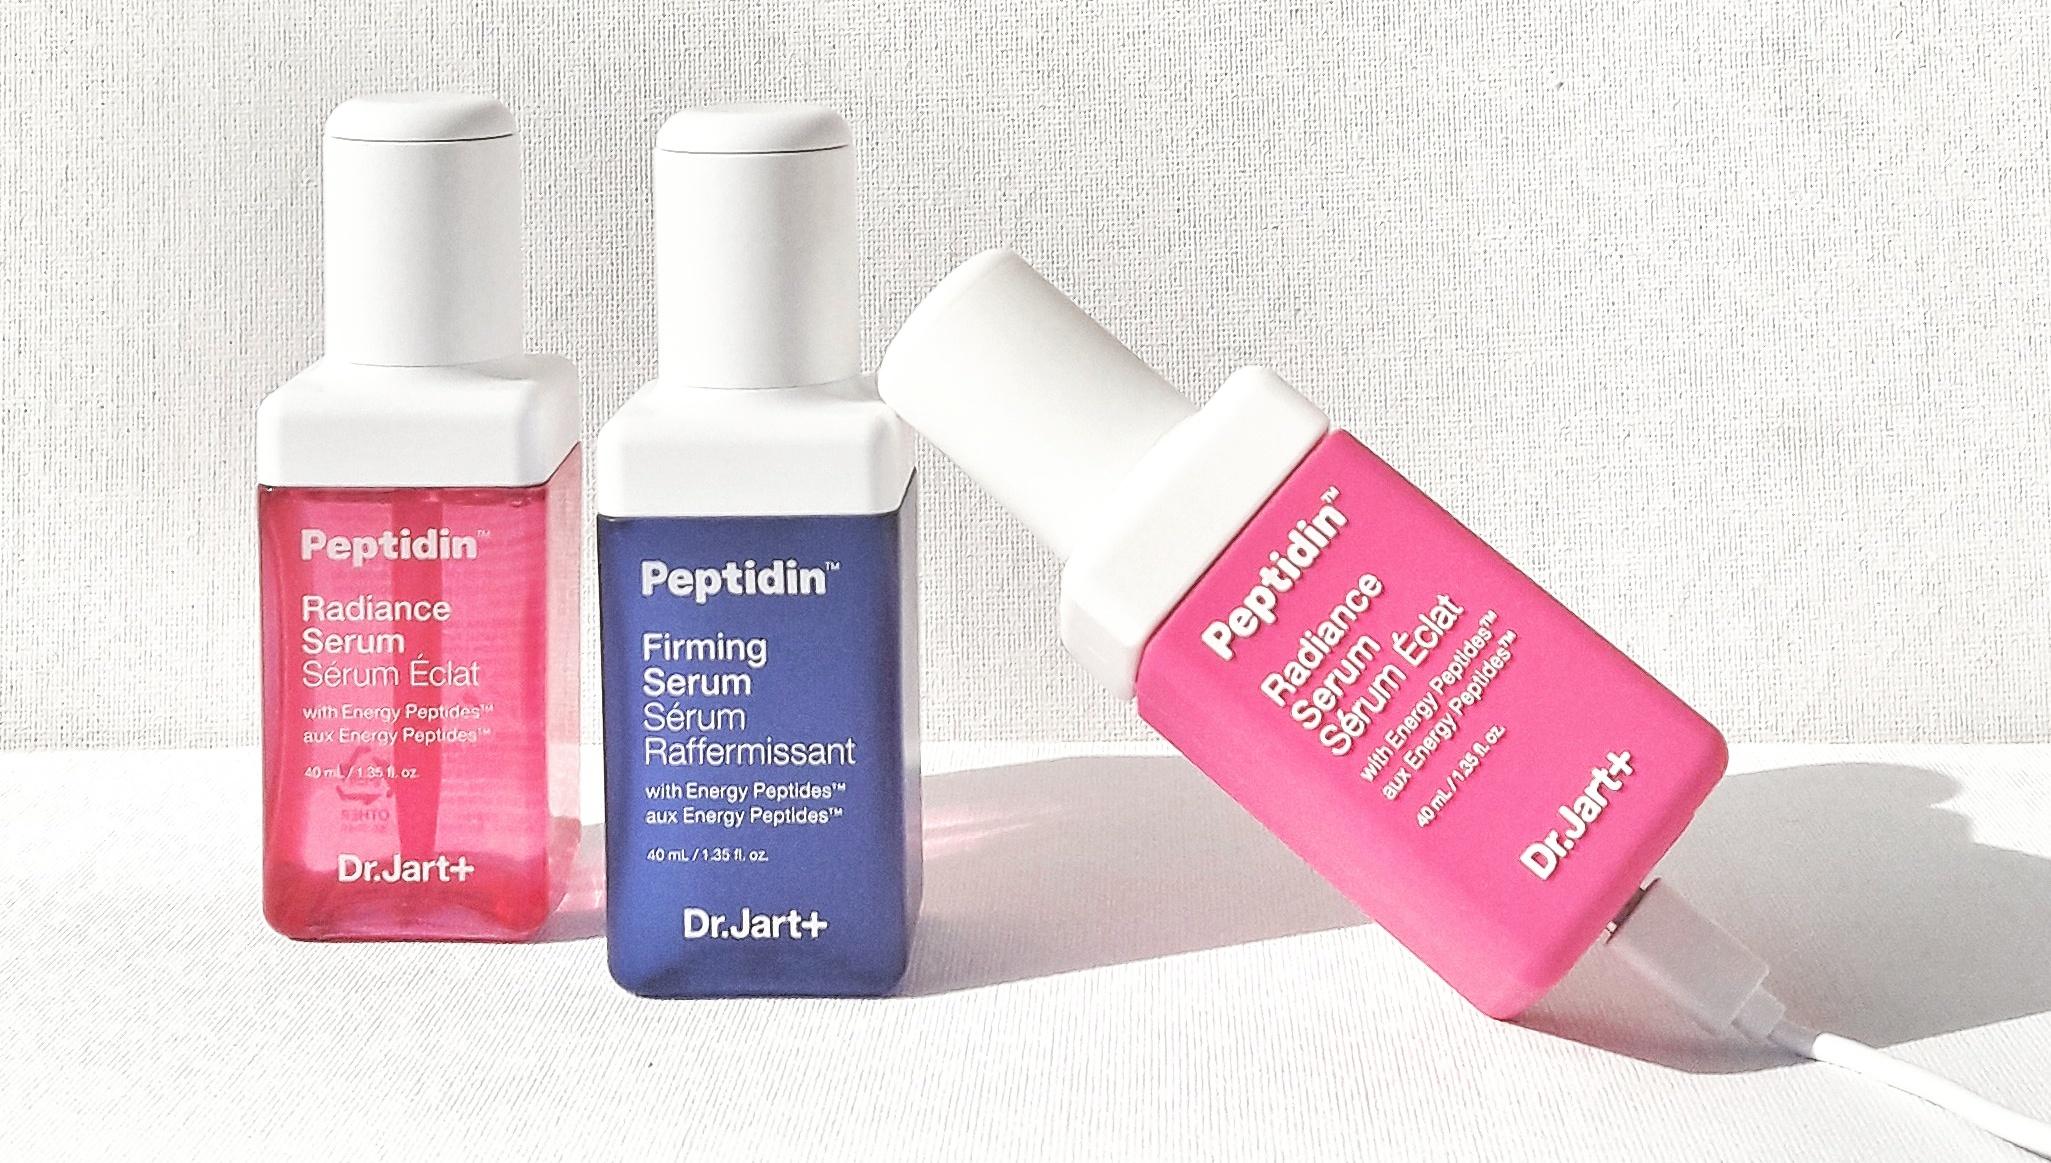 Peptidin de Dr Jart+, rechargez votre peau avant l'été!